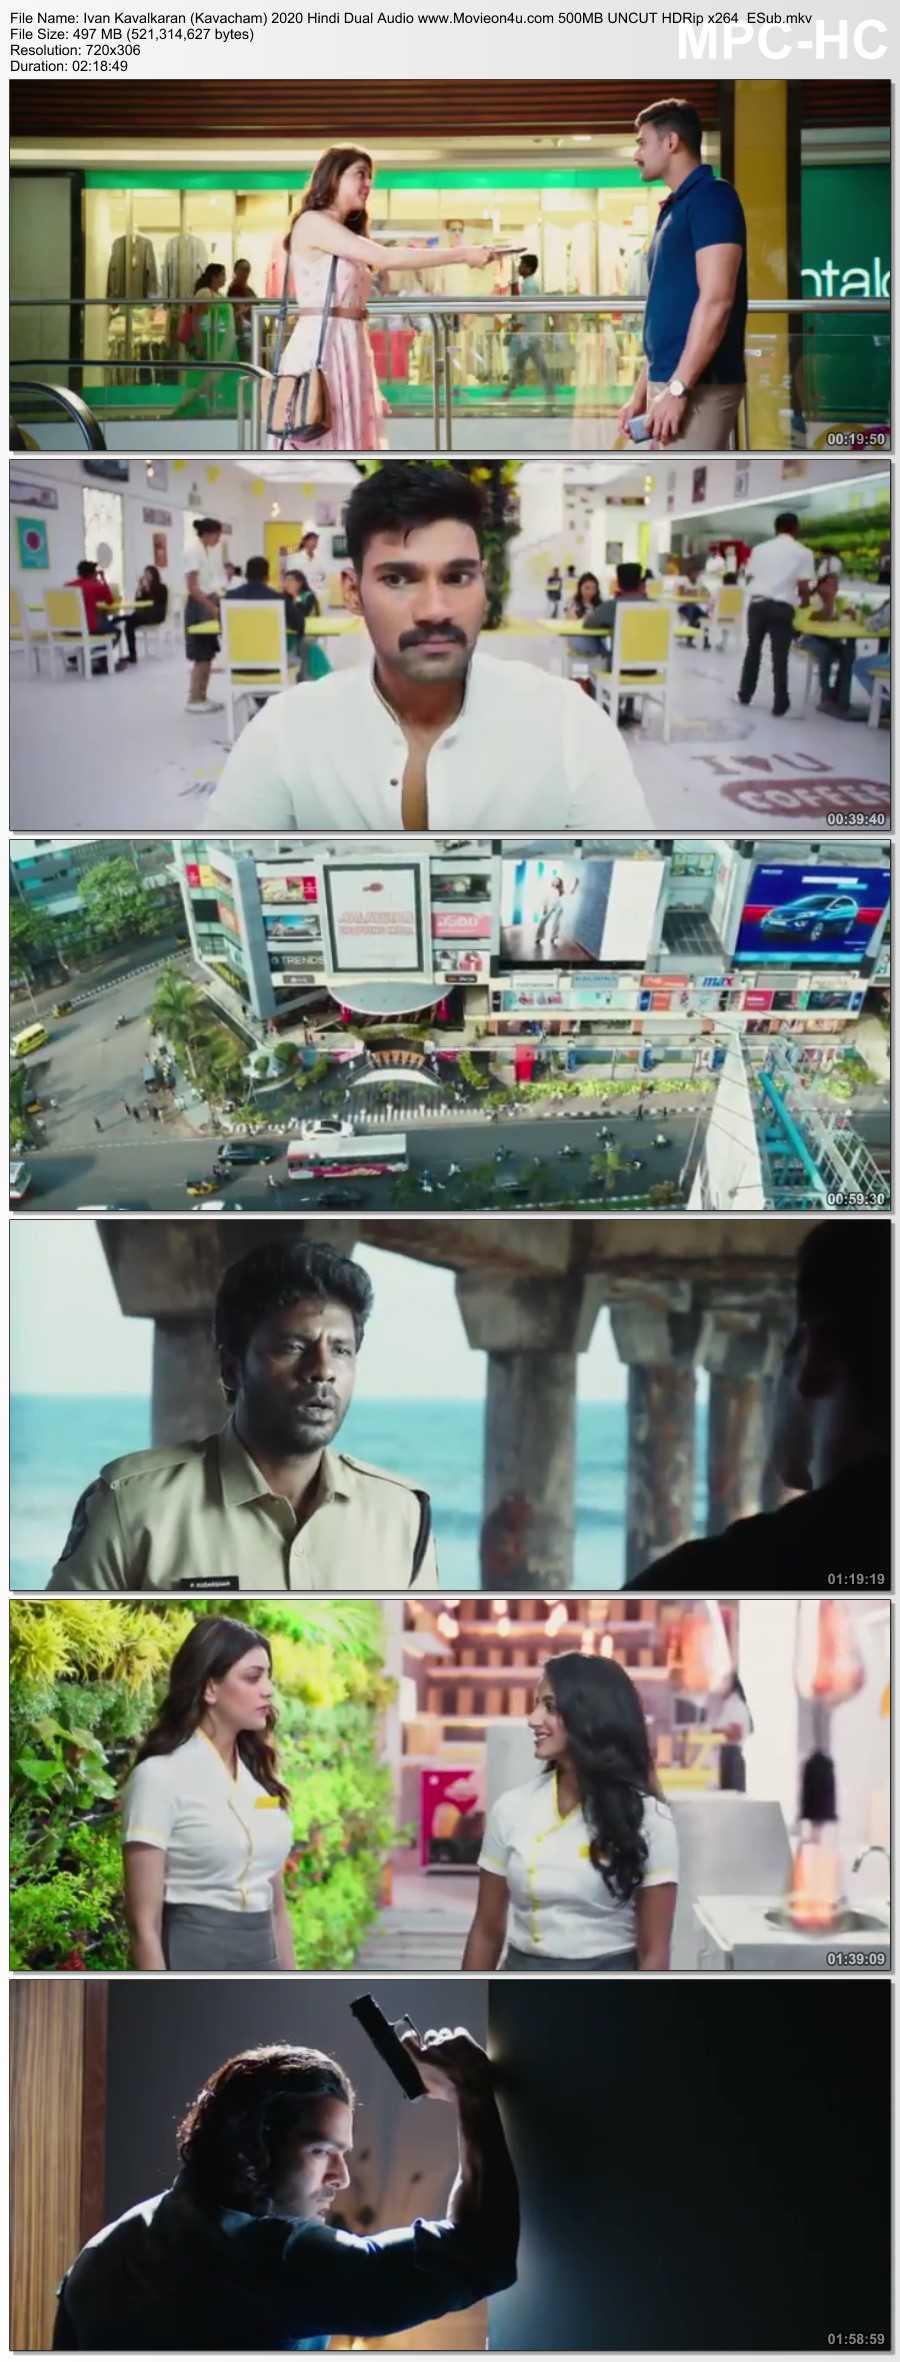 Ivan Kavalkaran (Kavacham) 2020 Hindi Dual Audio 500MB UNCUT HDRip x264 ESub 480p Download HD